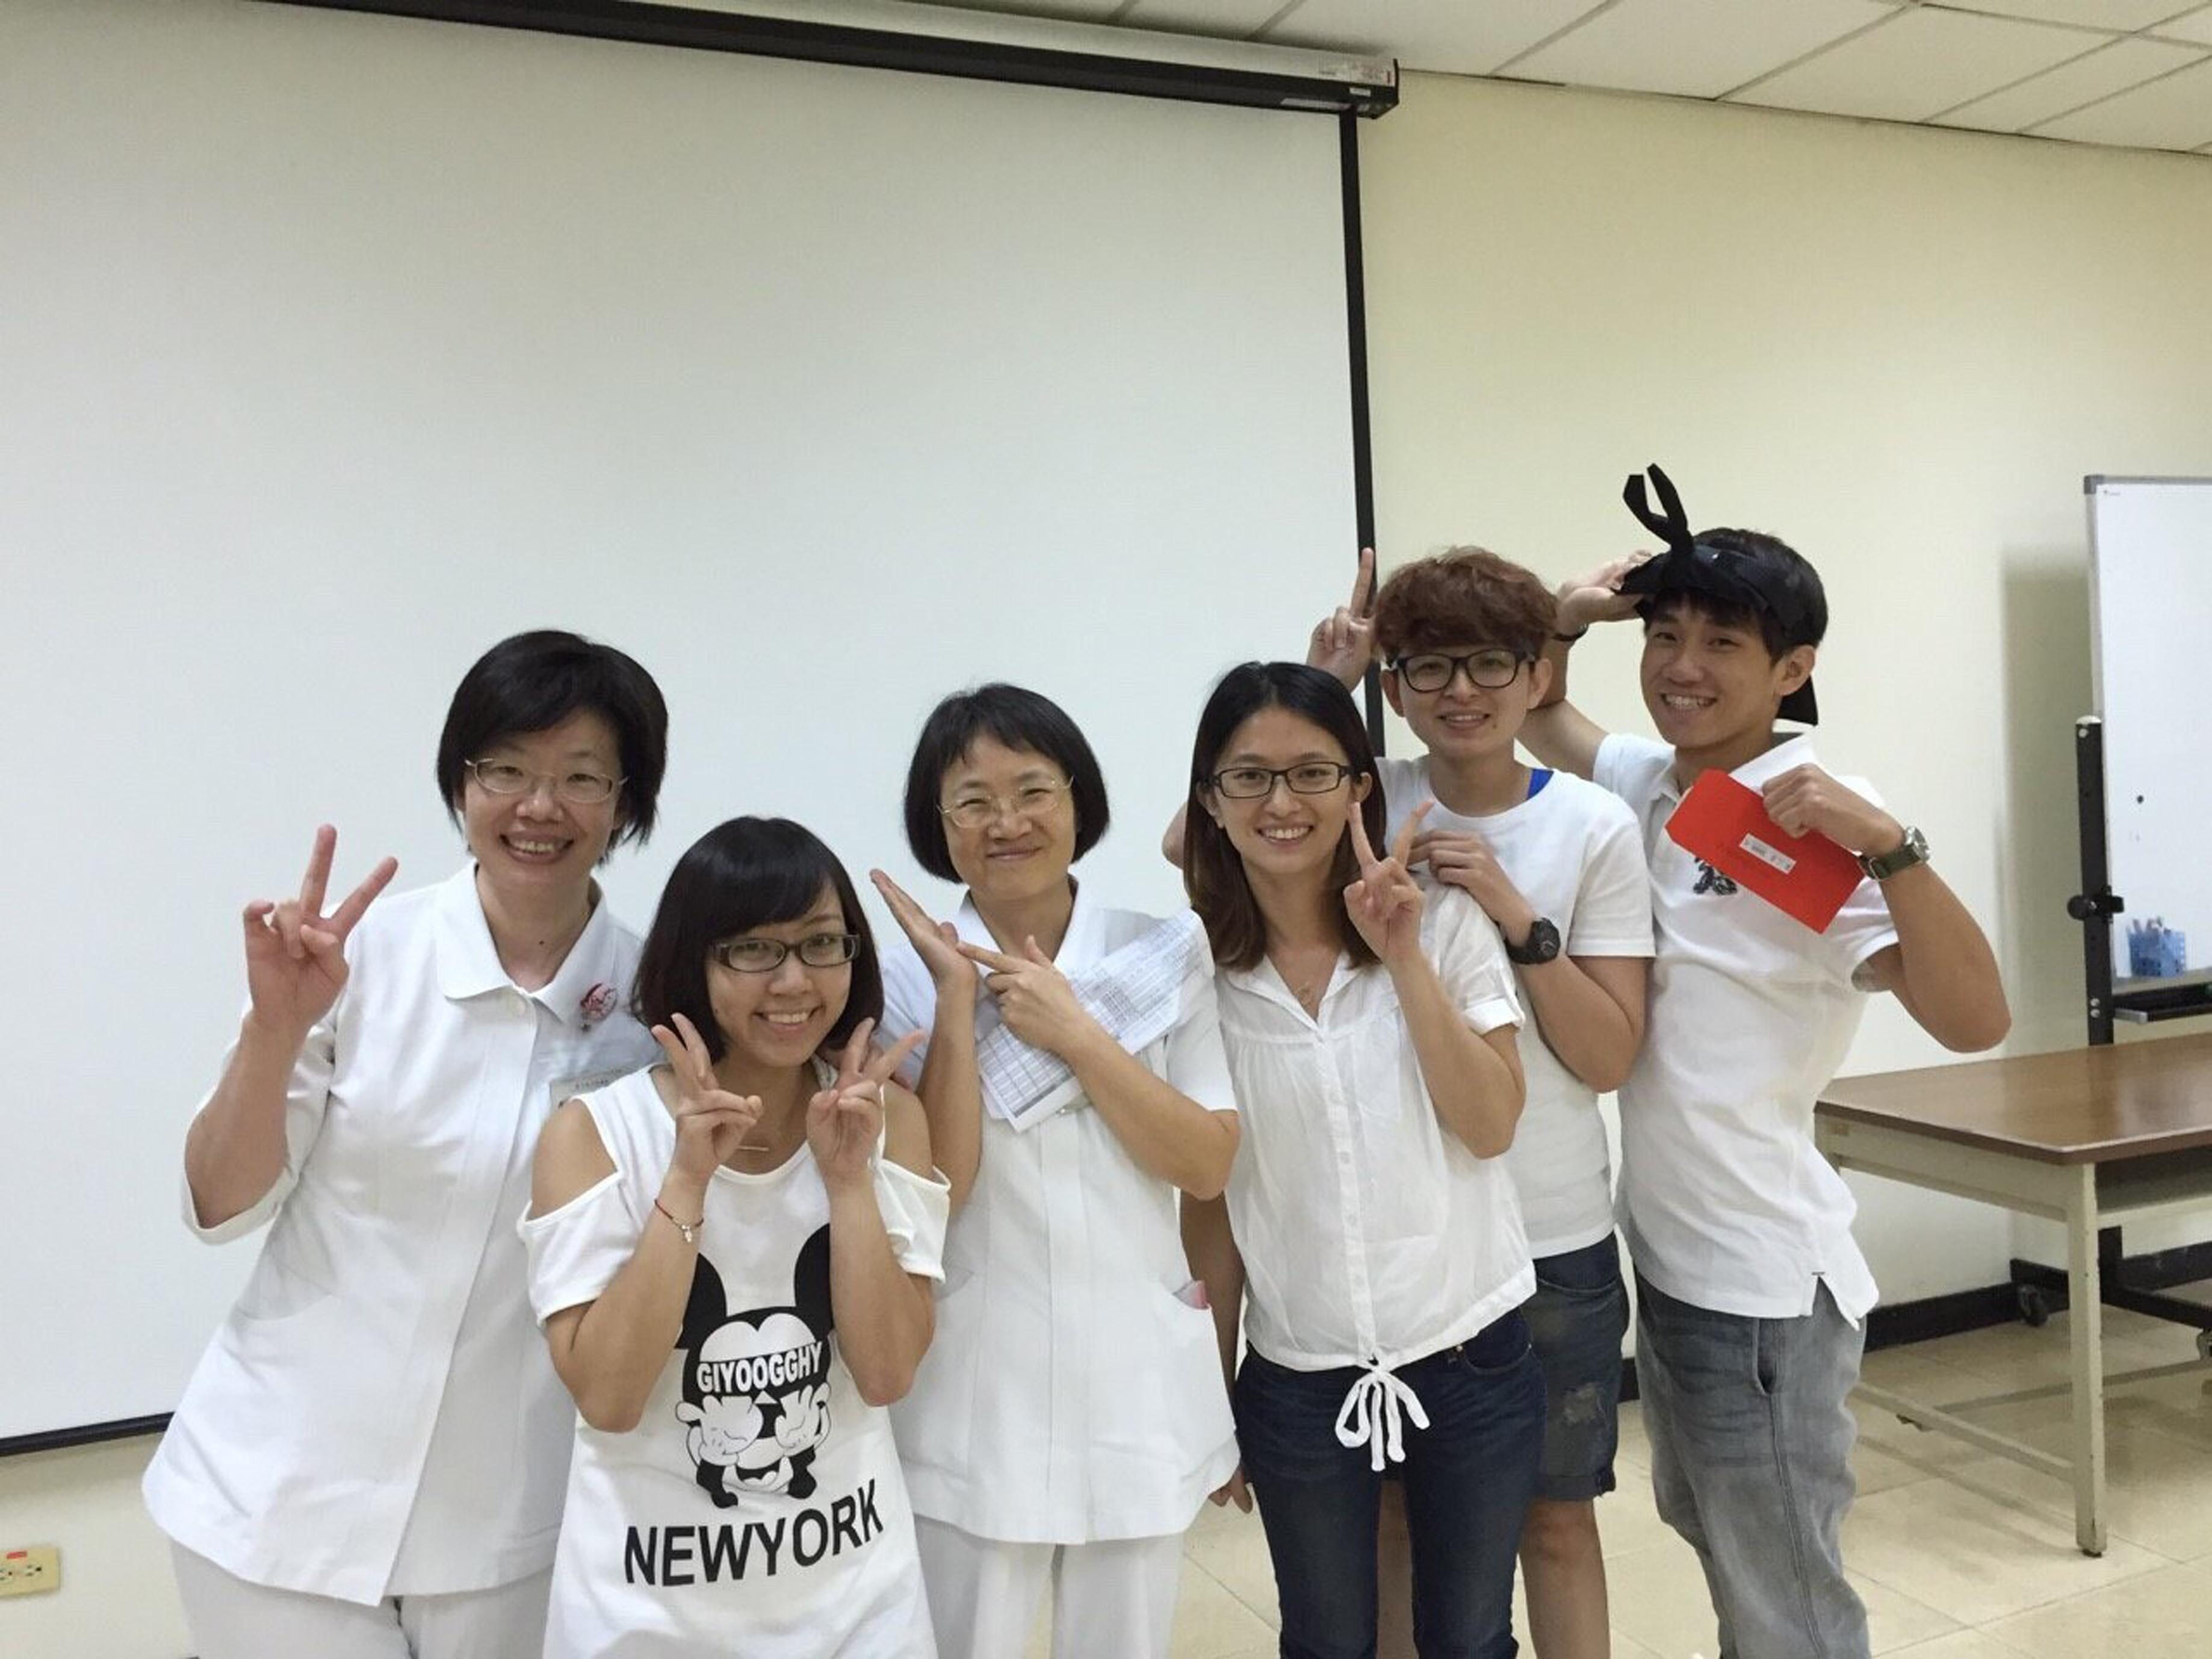 團隊成員於院內創新比賽第一次發表經鼻氣管插管固定架